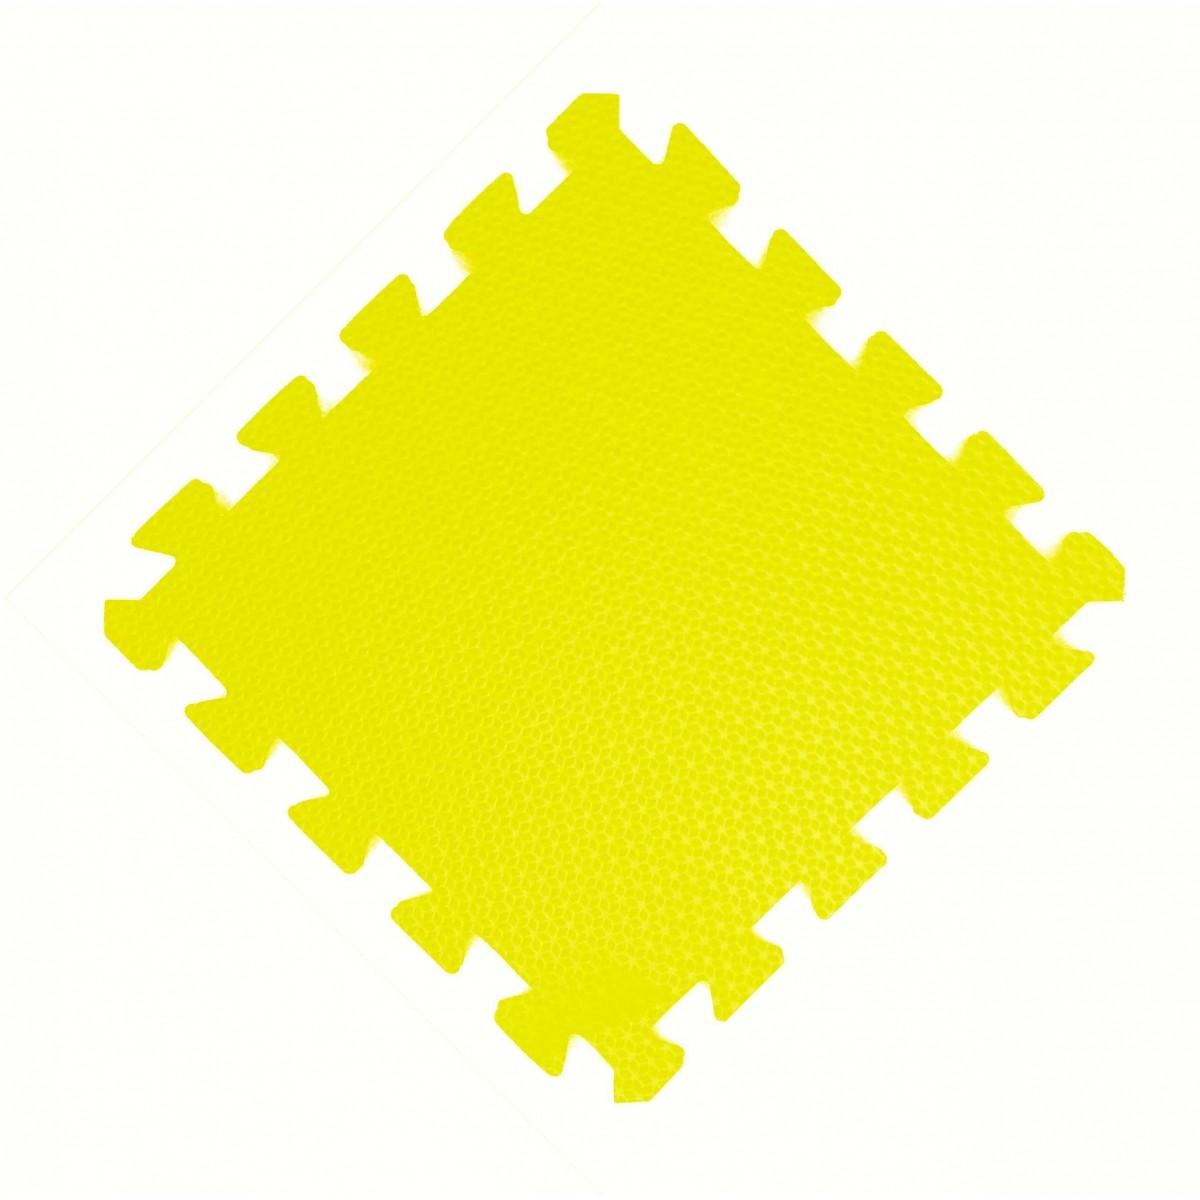 Tatames 30x30cm Com 10mm de Espessura  Amarelo  -